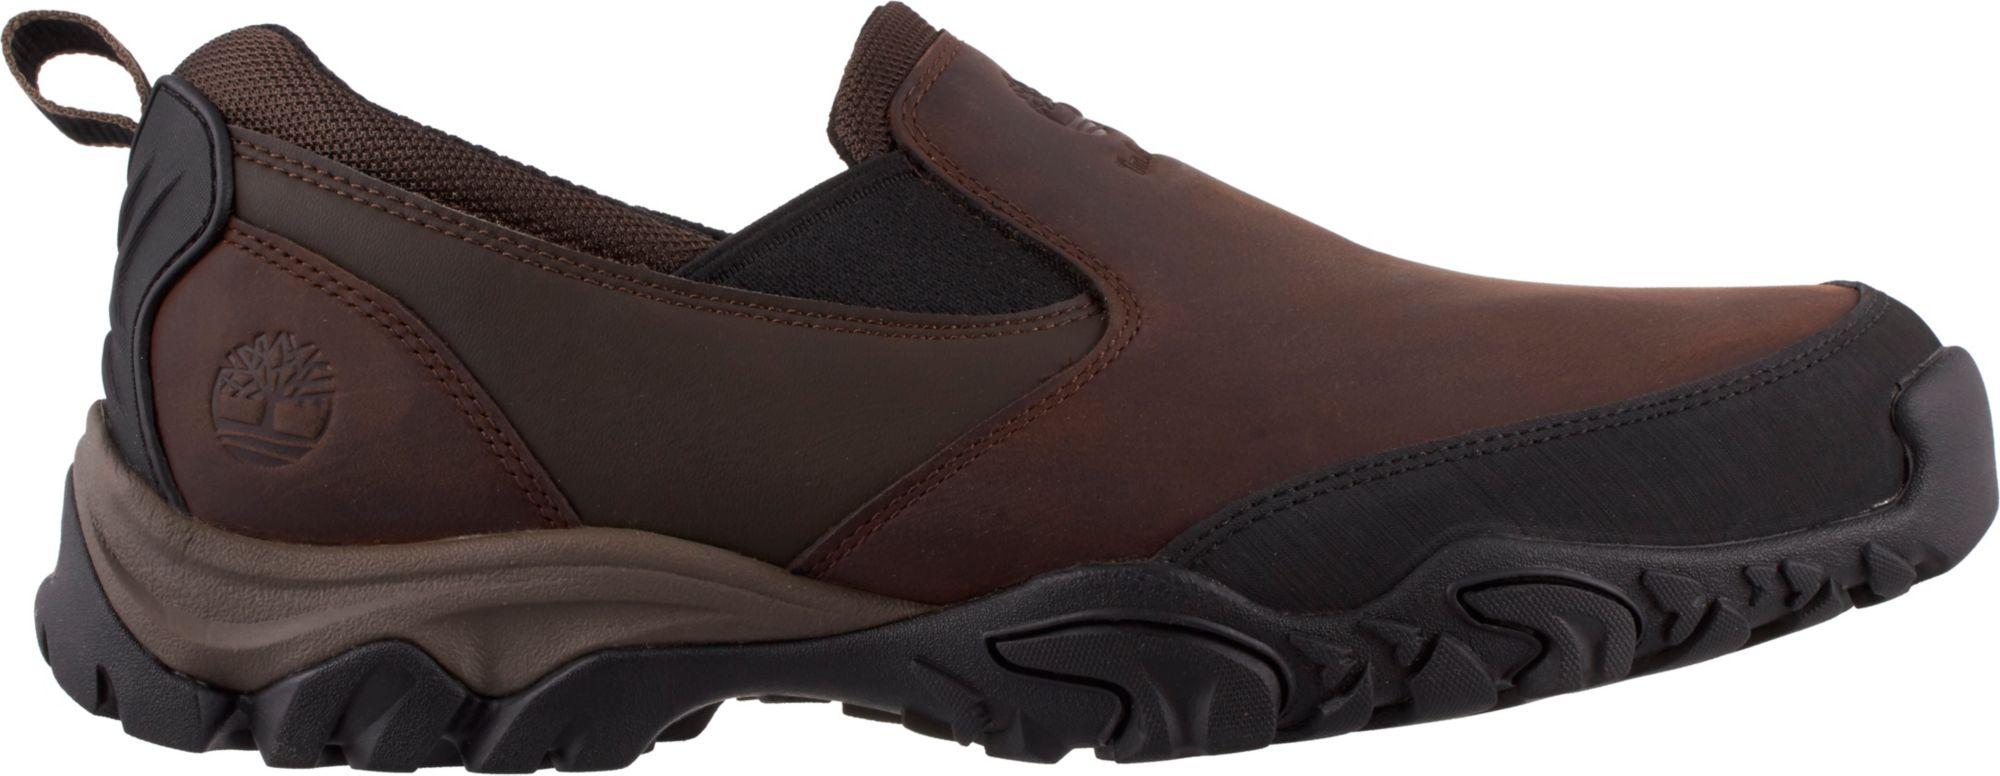 Timberland Cuero Para Hombre Espalda Abierta Resbalón Ocasional En Los Zapatos xvBPseMo1